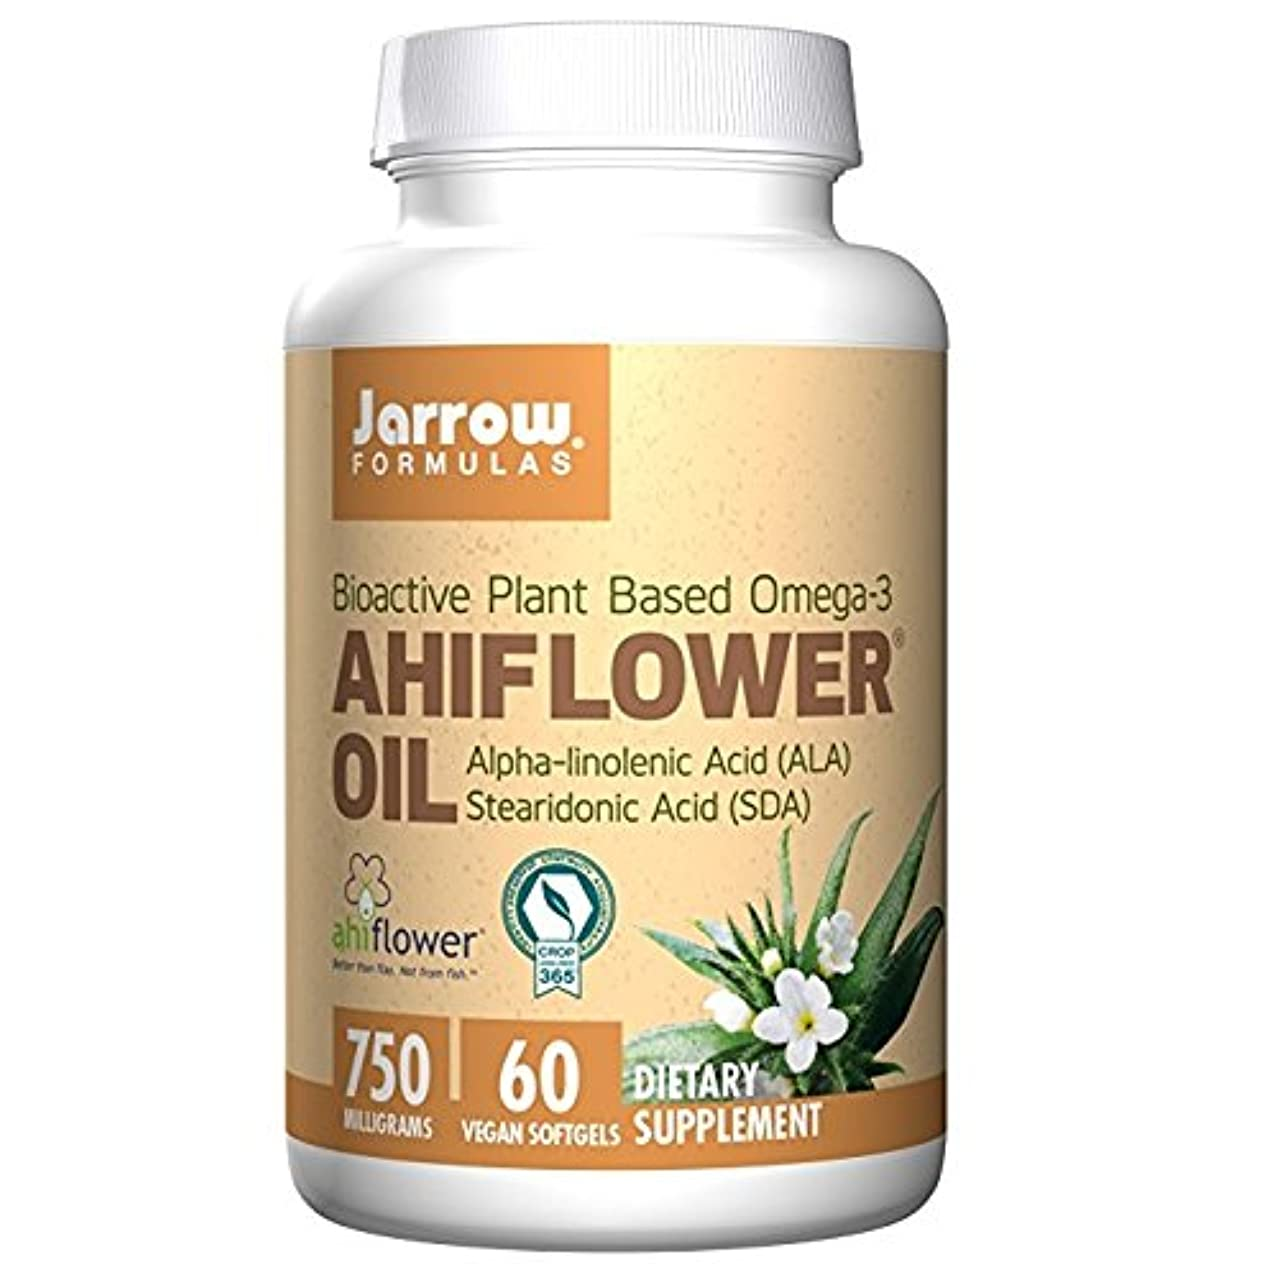 商人あらゆる種類の不正確【海外直送品】Jarrow Formulas - Ahiflower Oil - 60ソフトジェル アヒフラワー